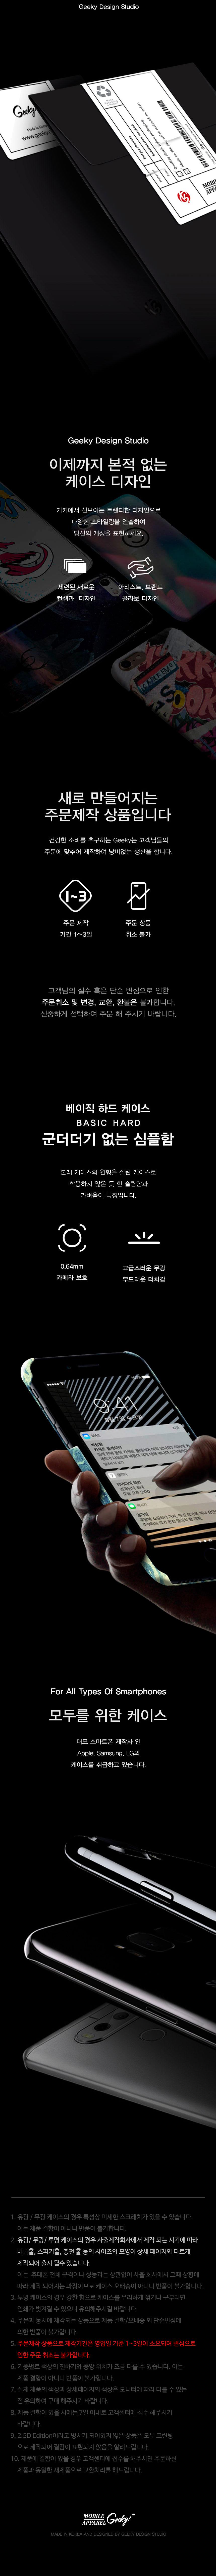 기키(GEEKY) phone case Texture No.9